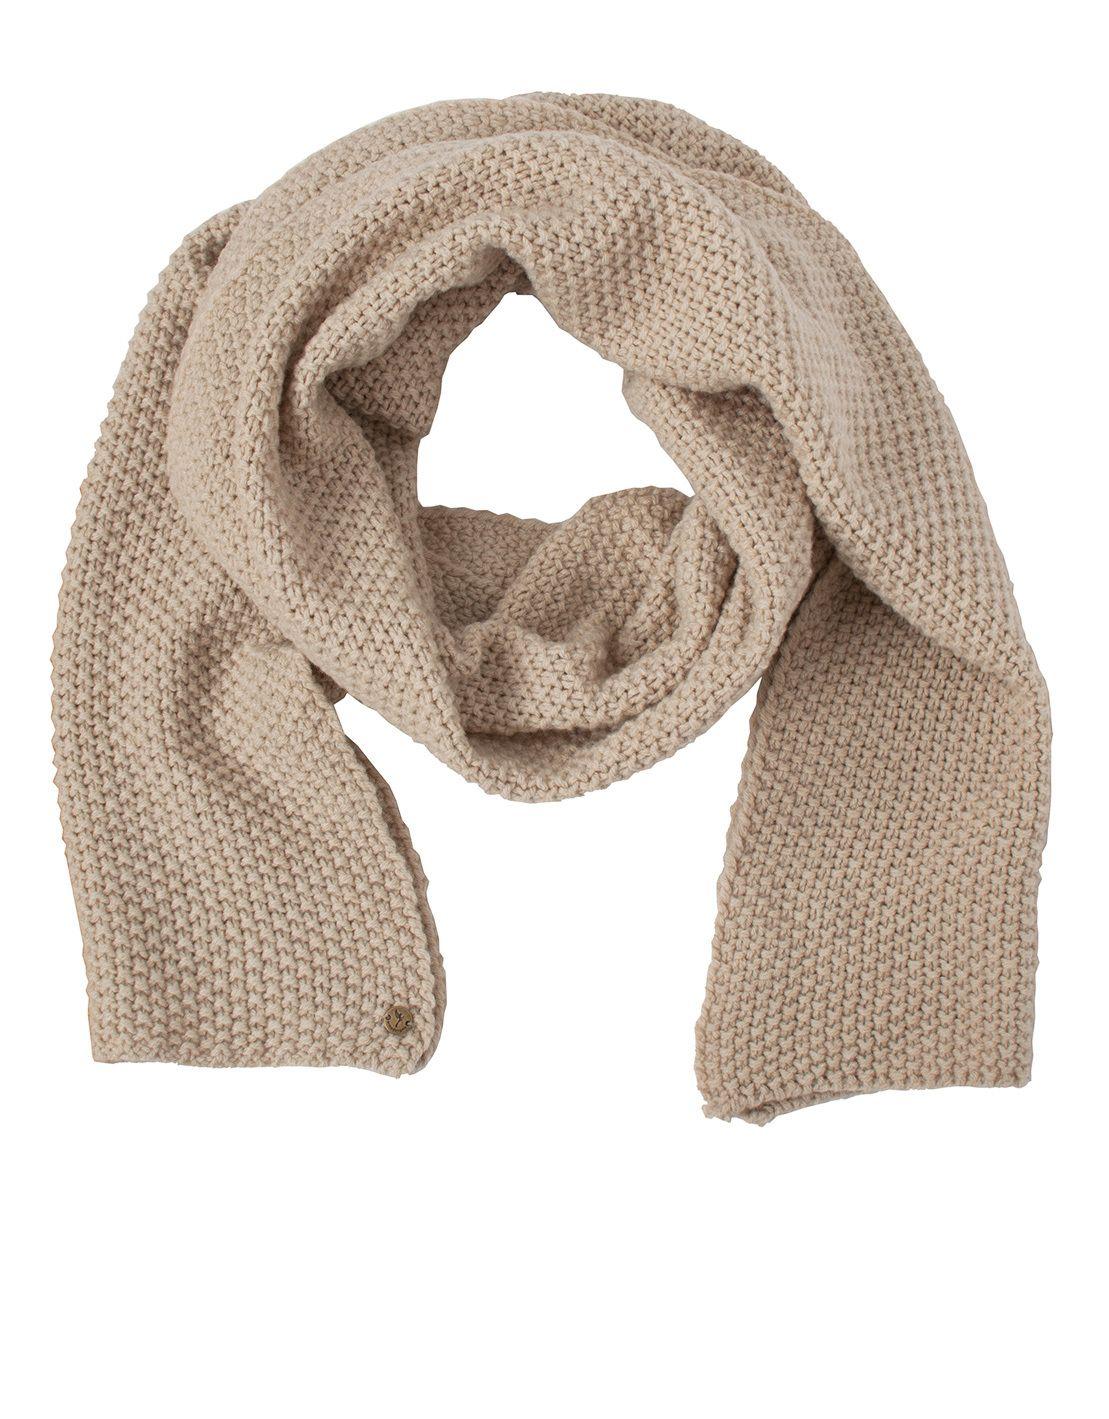 """Armedangels zeigt den Wollschal """"Del"""" in der Farbe Creme. Der Schal hält garantiert warm und hat durch die dezente Farbe den Vorteil zu fast allem kombinierbar zu sein."""